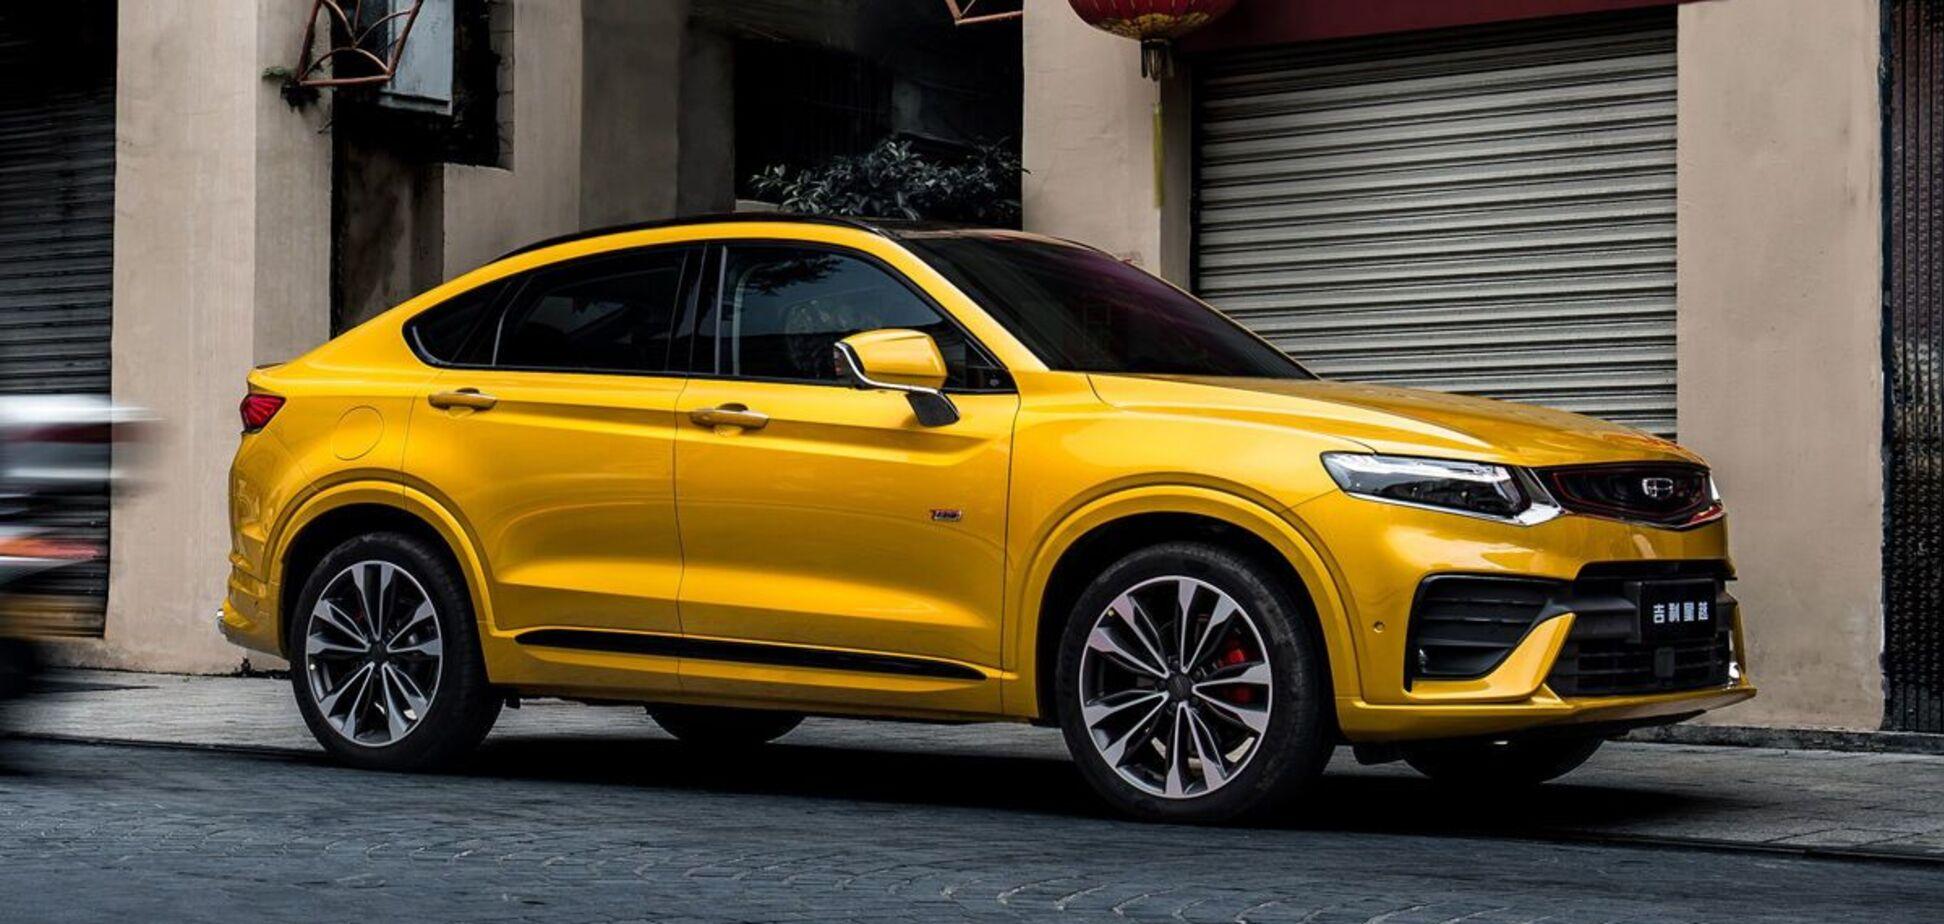 Кроссовер Renault-ЗАЗ получил конкурента из Беларуси